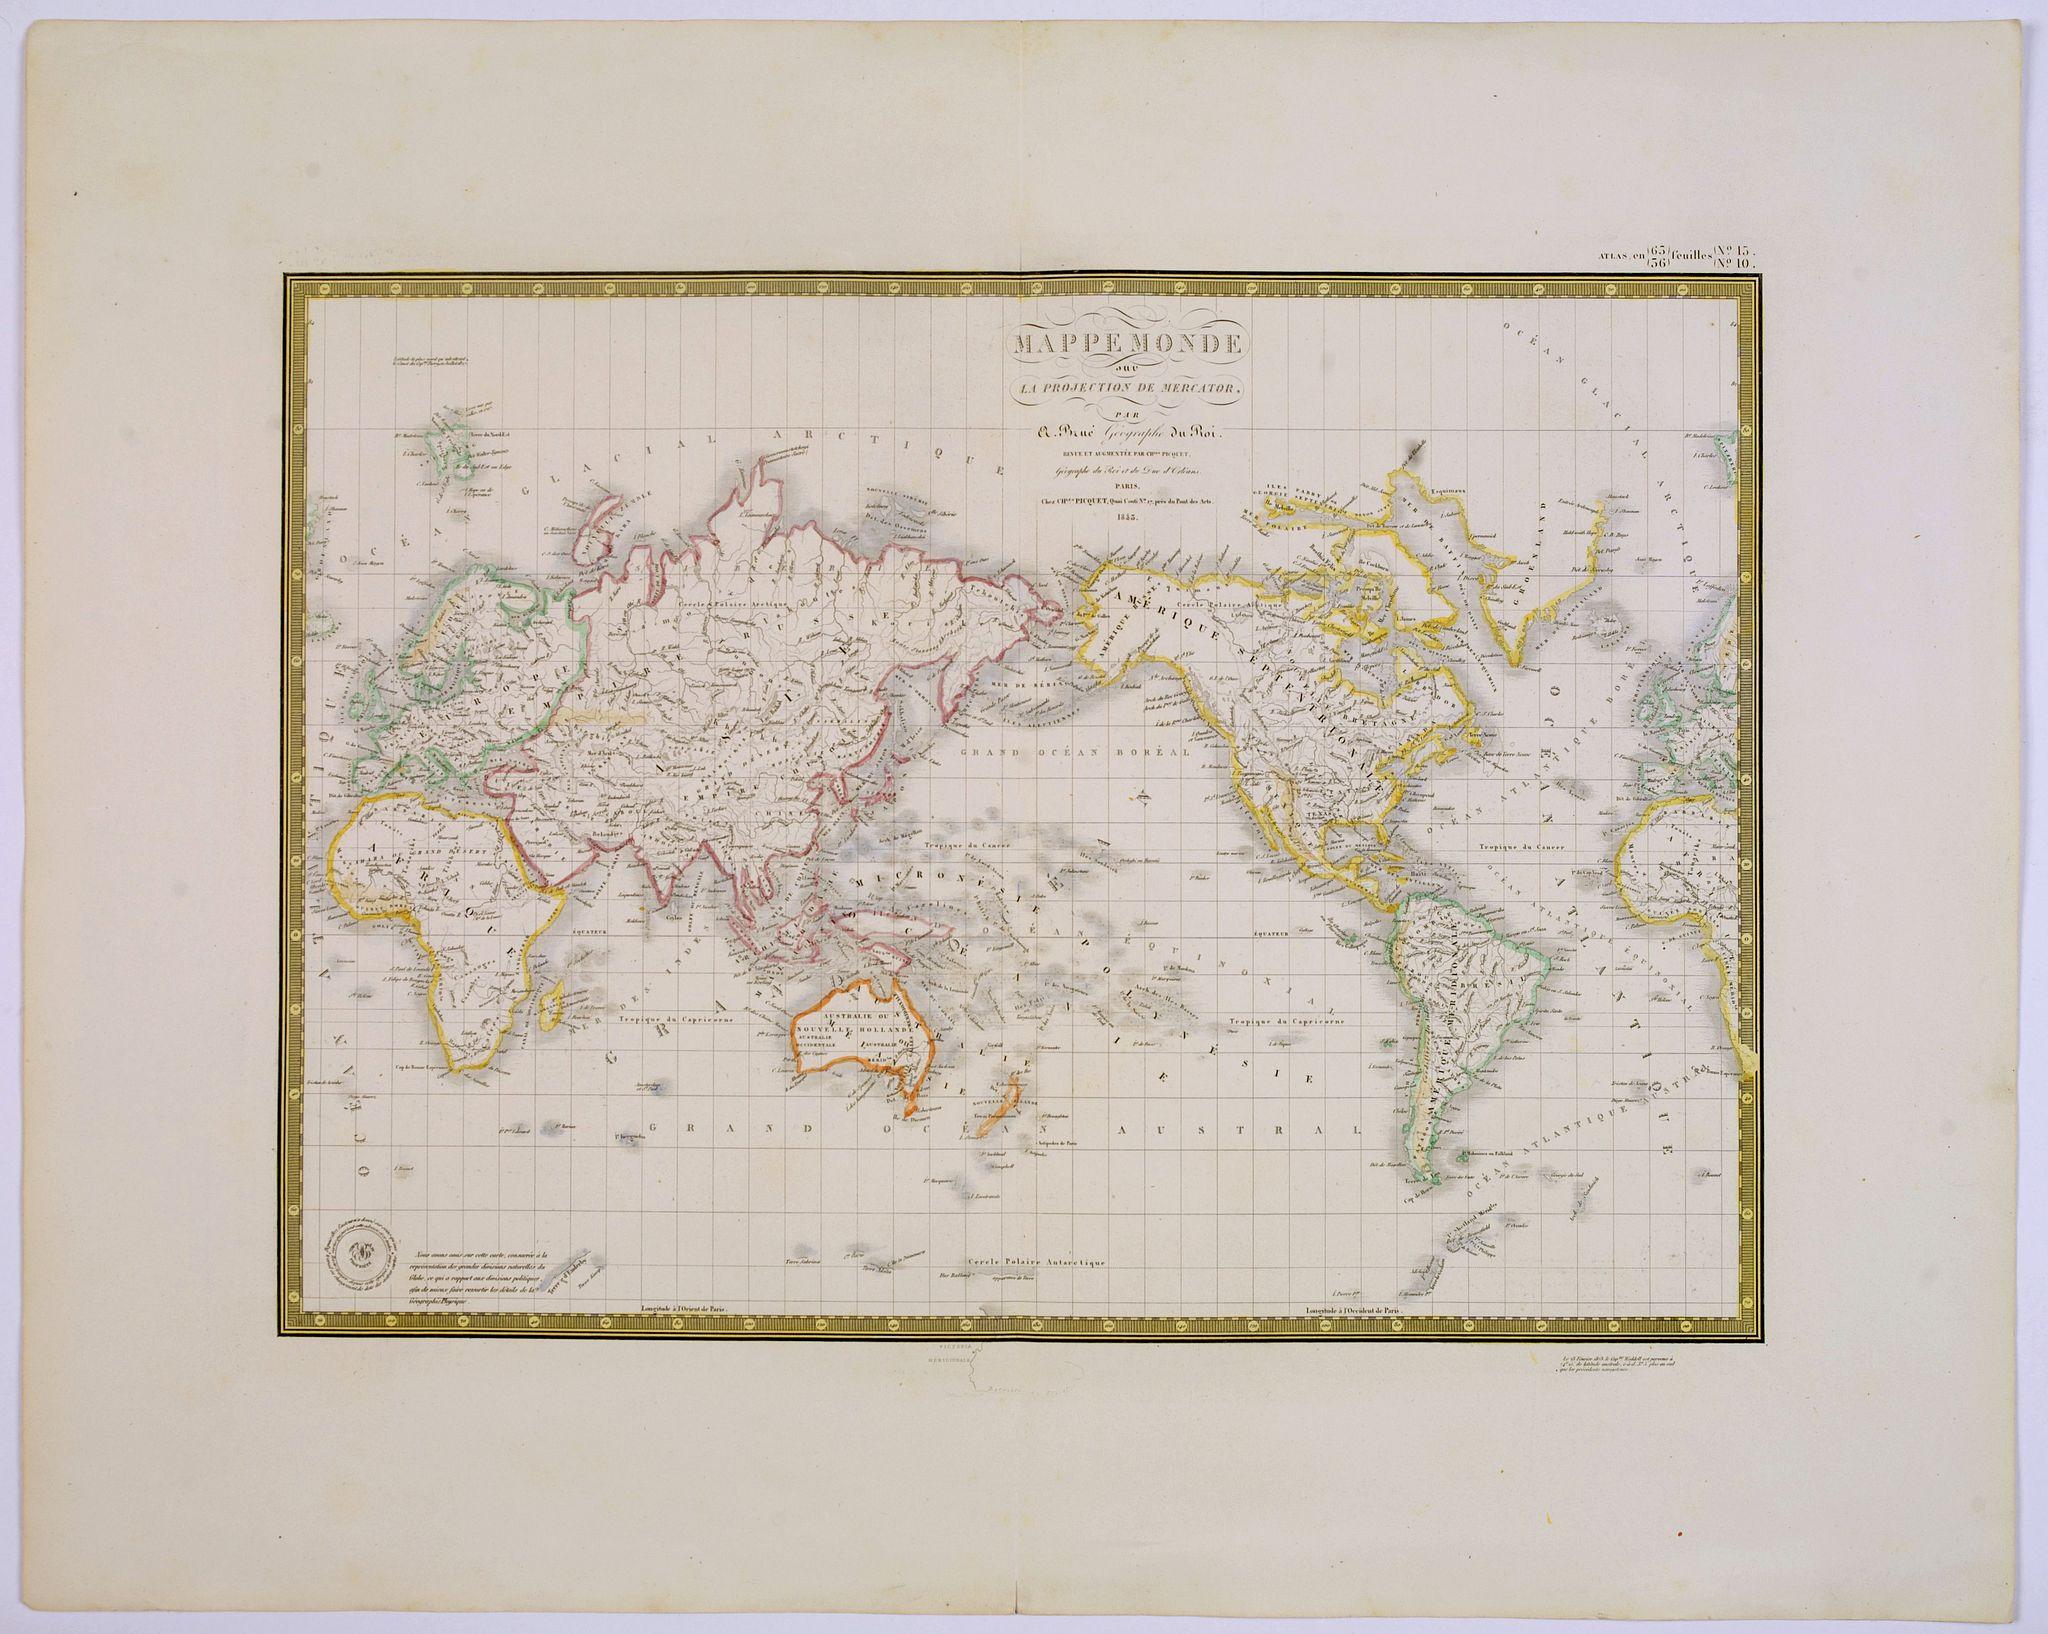 BRUE, H. - Mappe-Monde sur la projection de Mercator. . .